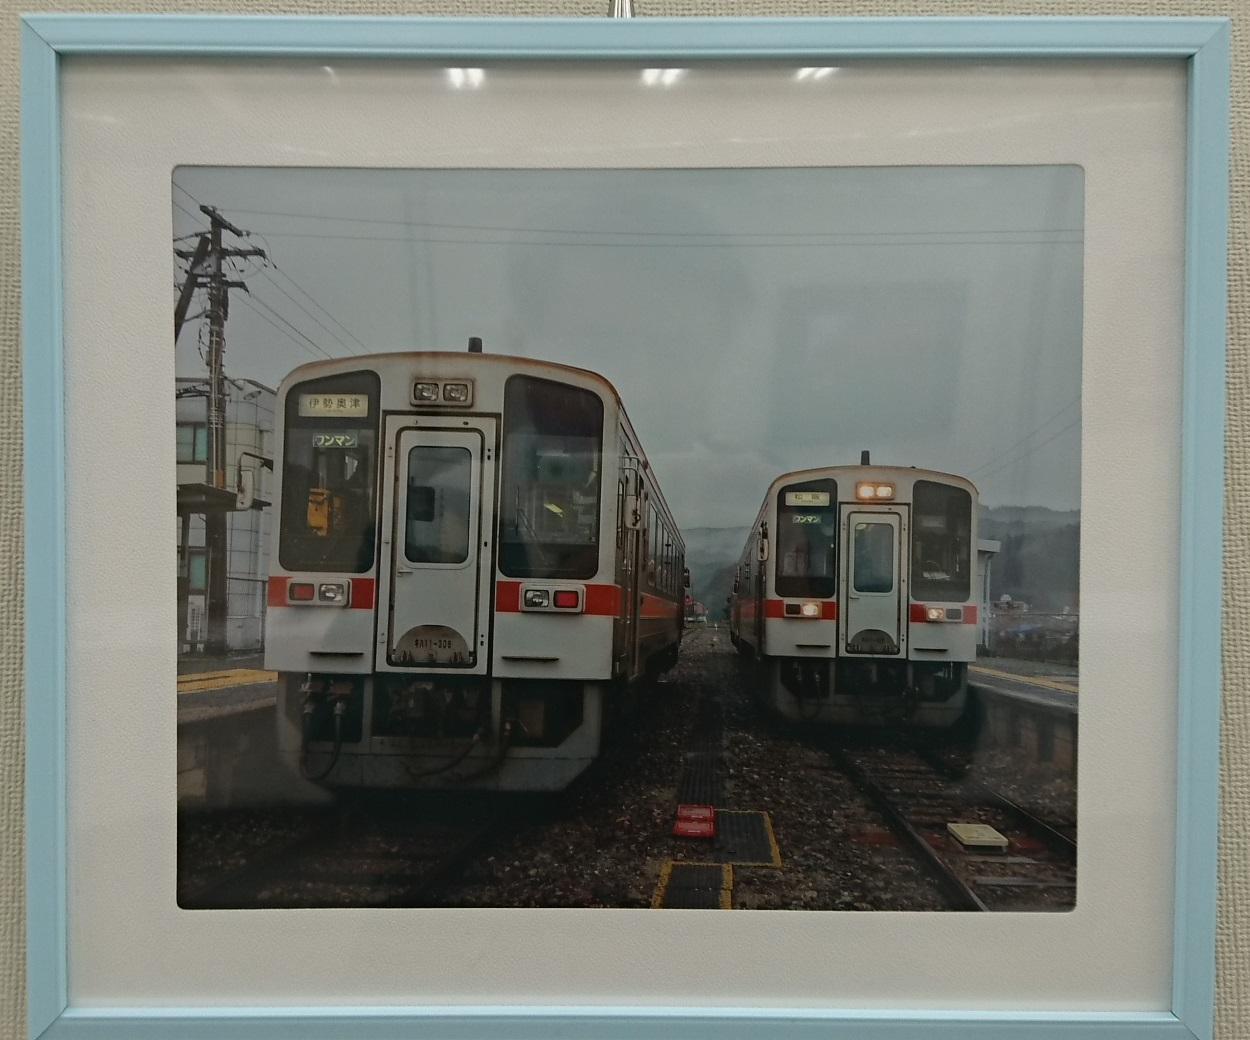 2017.1.14 職員余技展 - 写真 (2) 家城駅にて 1250-1040